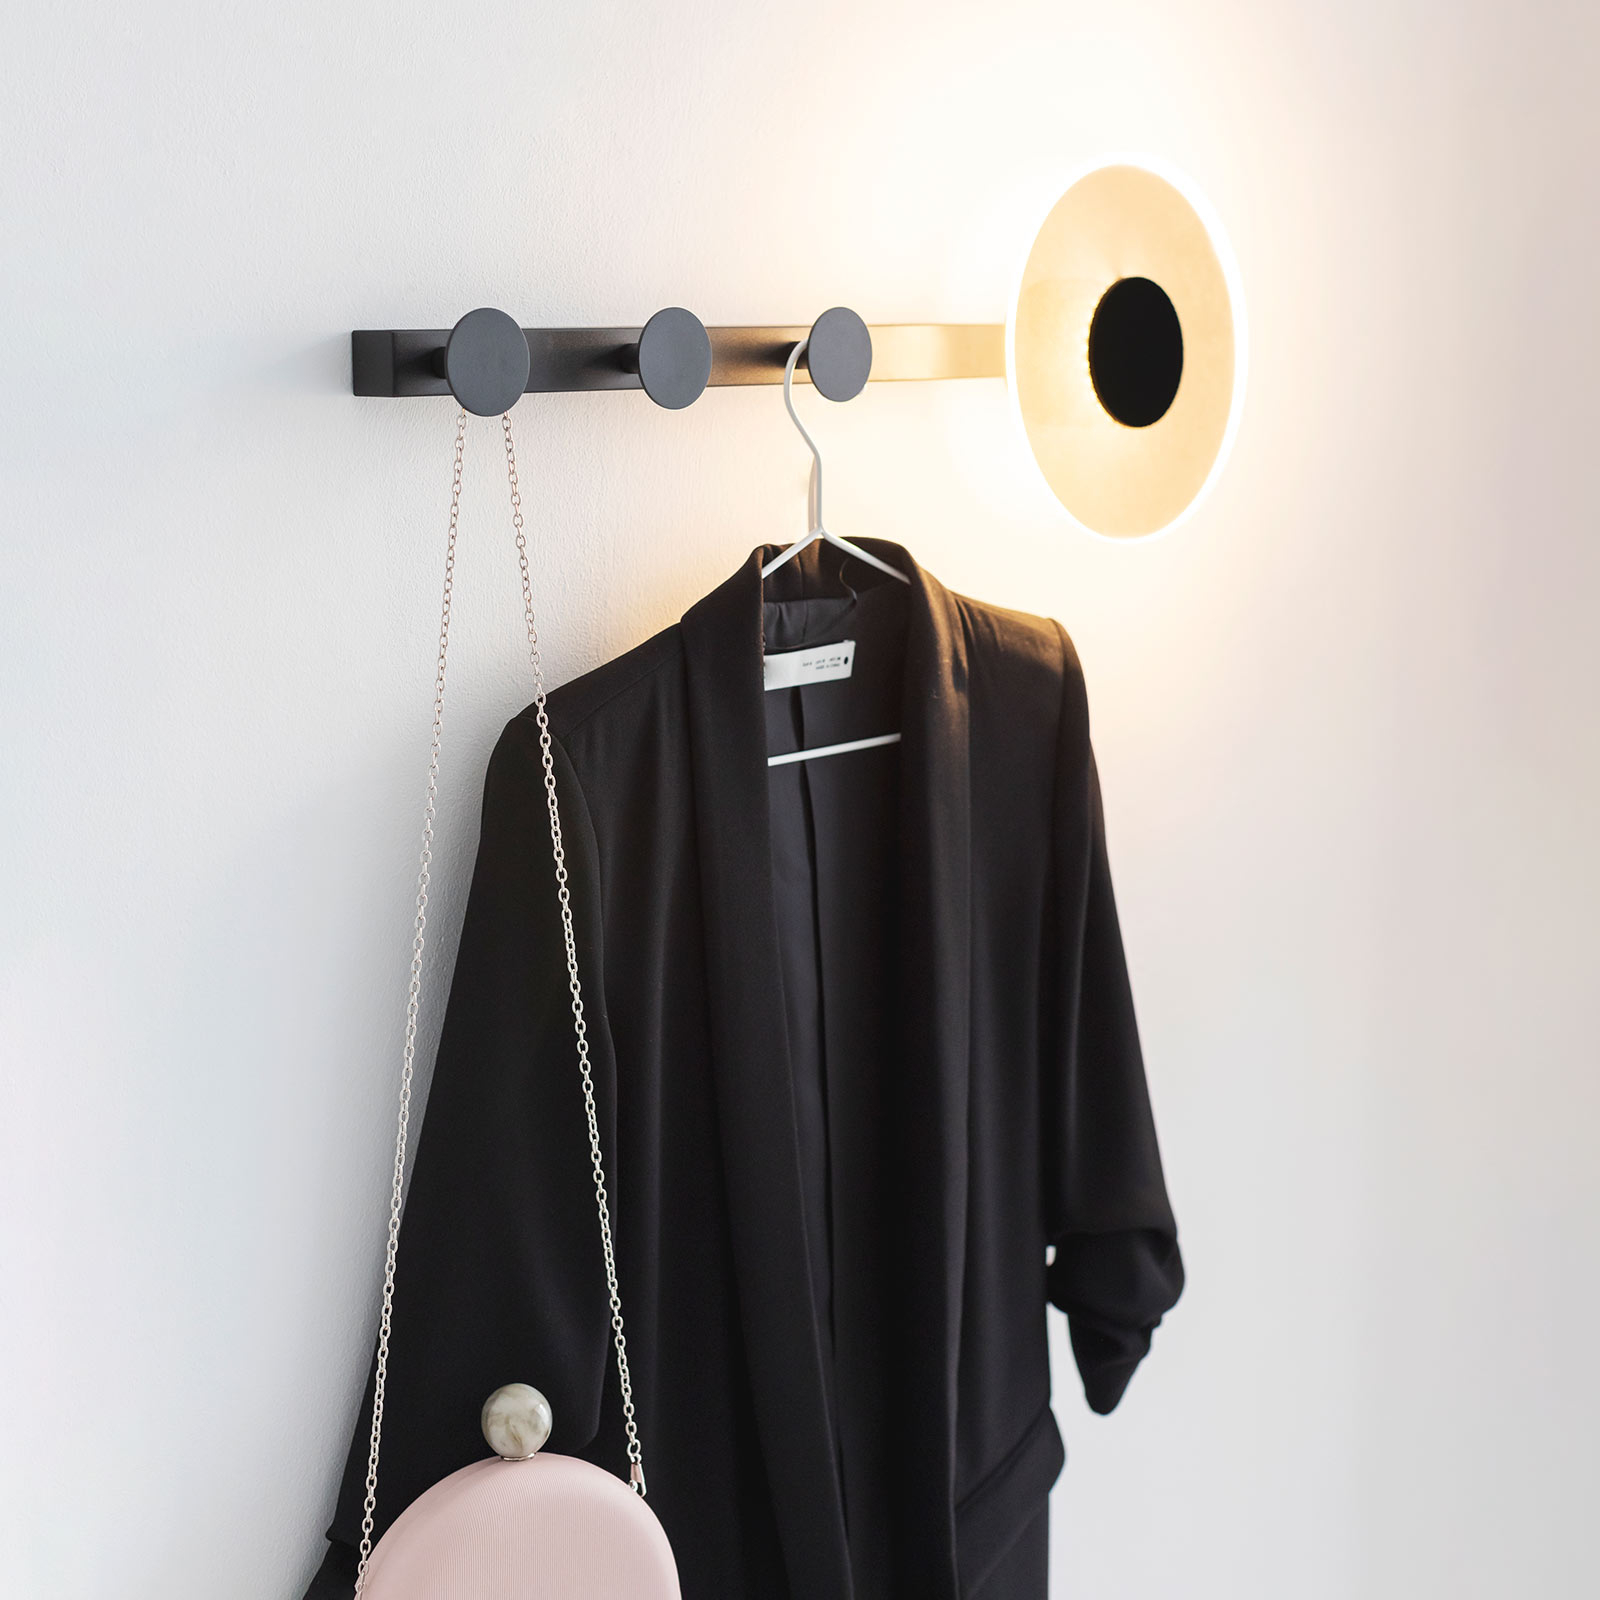 LED-Wandleuchte Venus, mit Kleiderhaken, schwarz